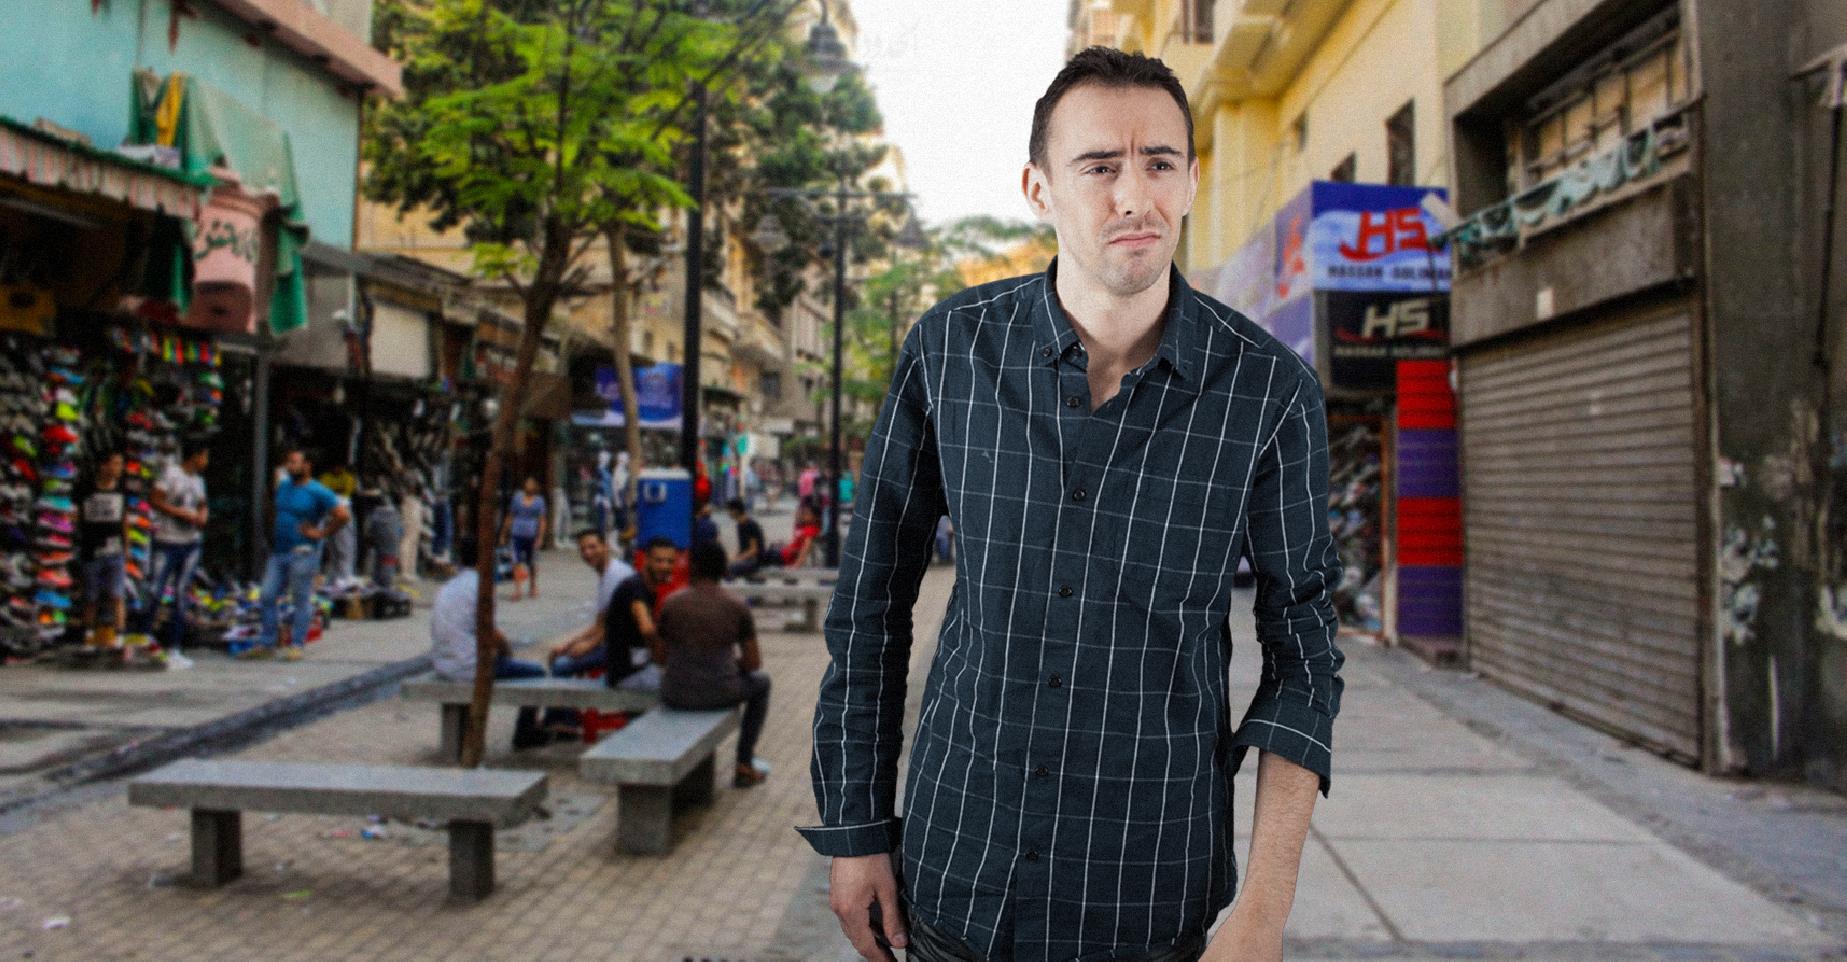 صورة مُفطر في رمضان يشعر بمعاناة الفقراء أثناء بحثه في الشارع عن لقمة ليأكلها دون جدوى